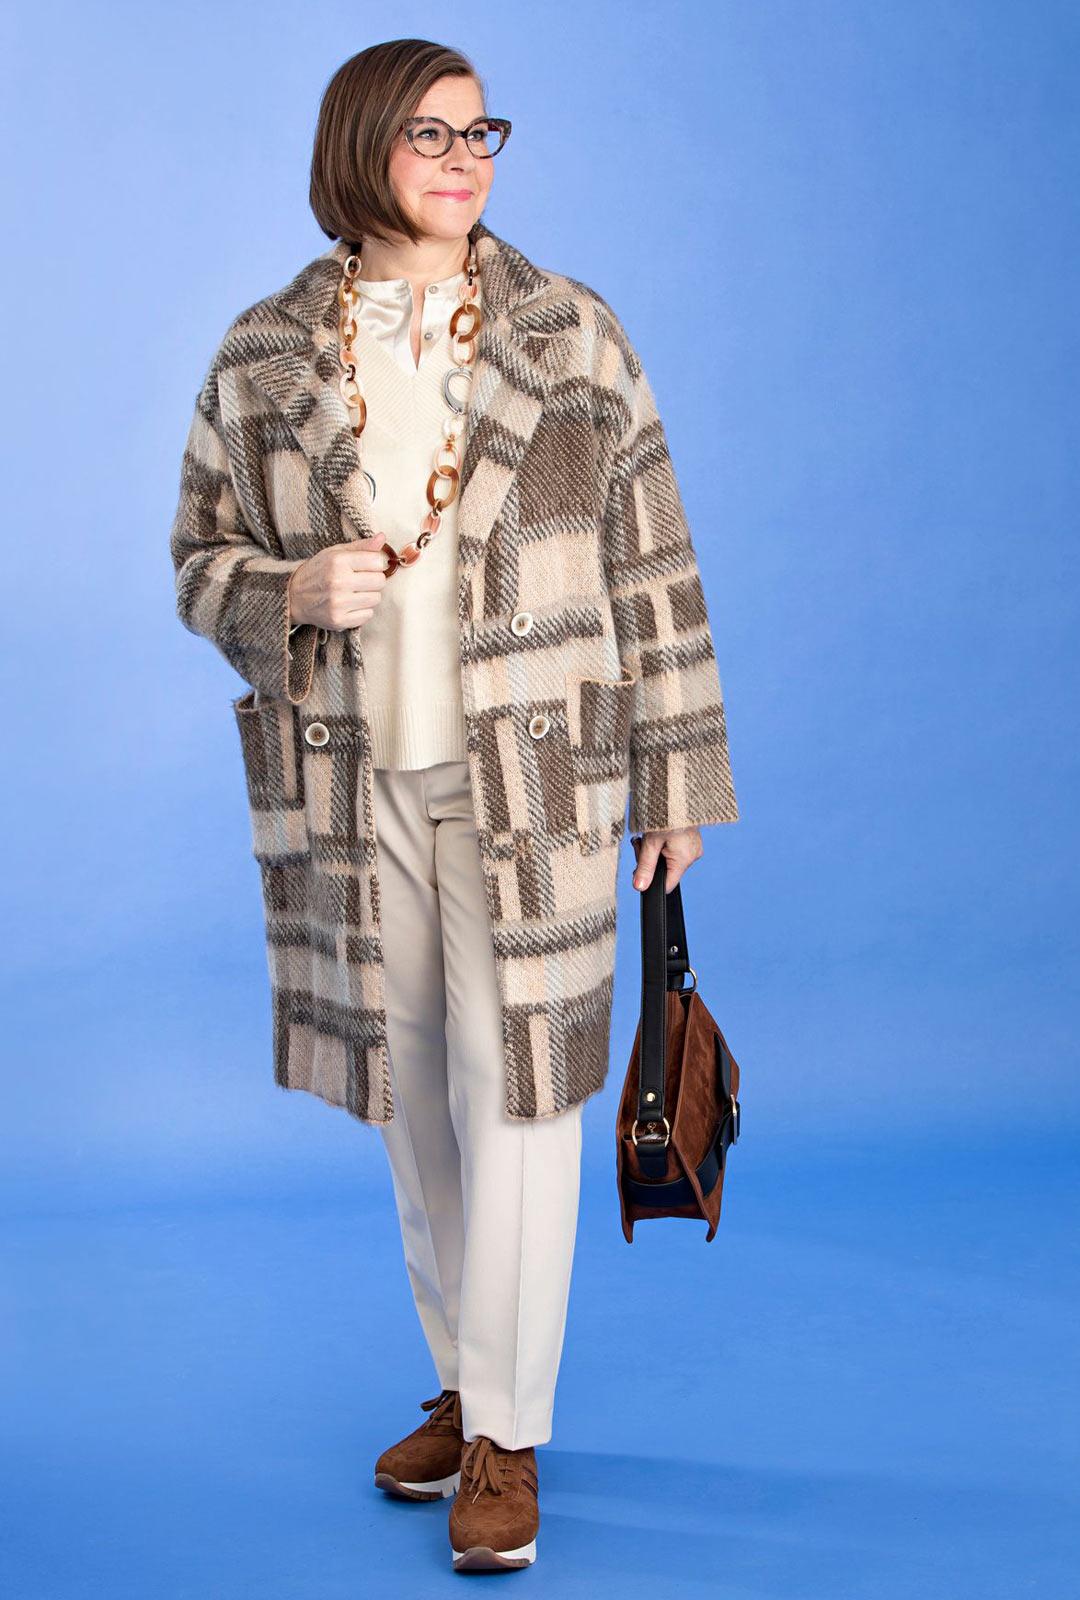 Suoraviivainen ruutukuosi antaa ryhtiä neuletakille. Valkoinen väri sopii myös talvipukeutumiseen.